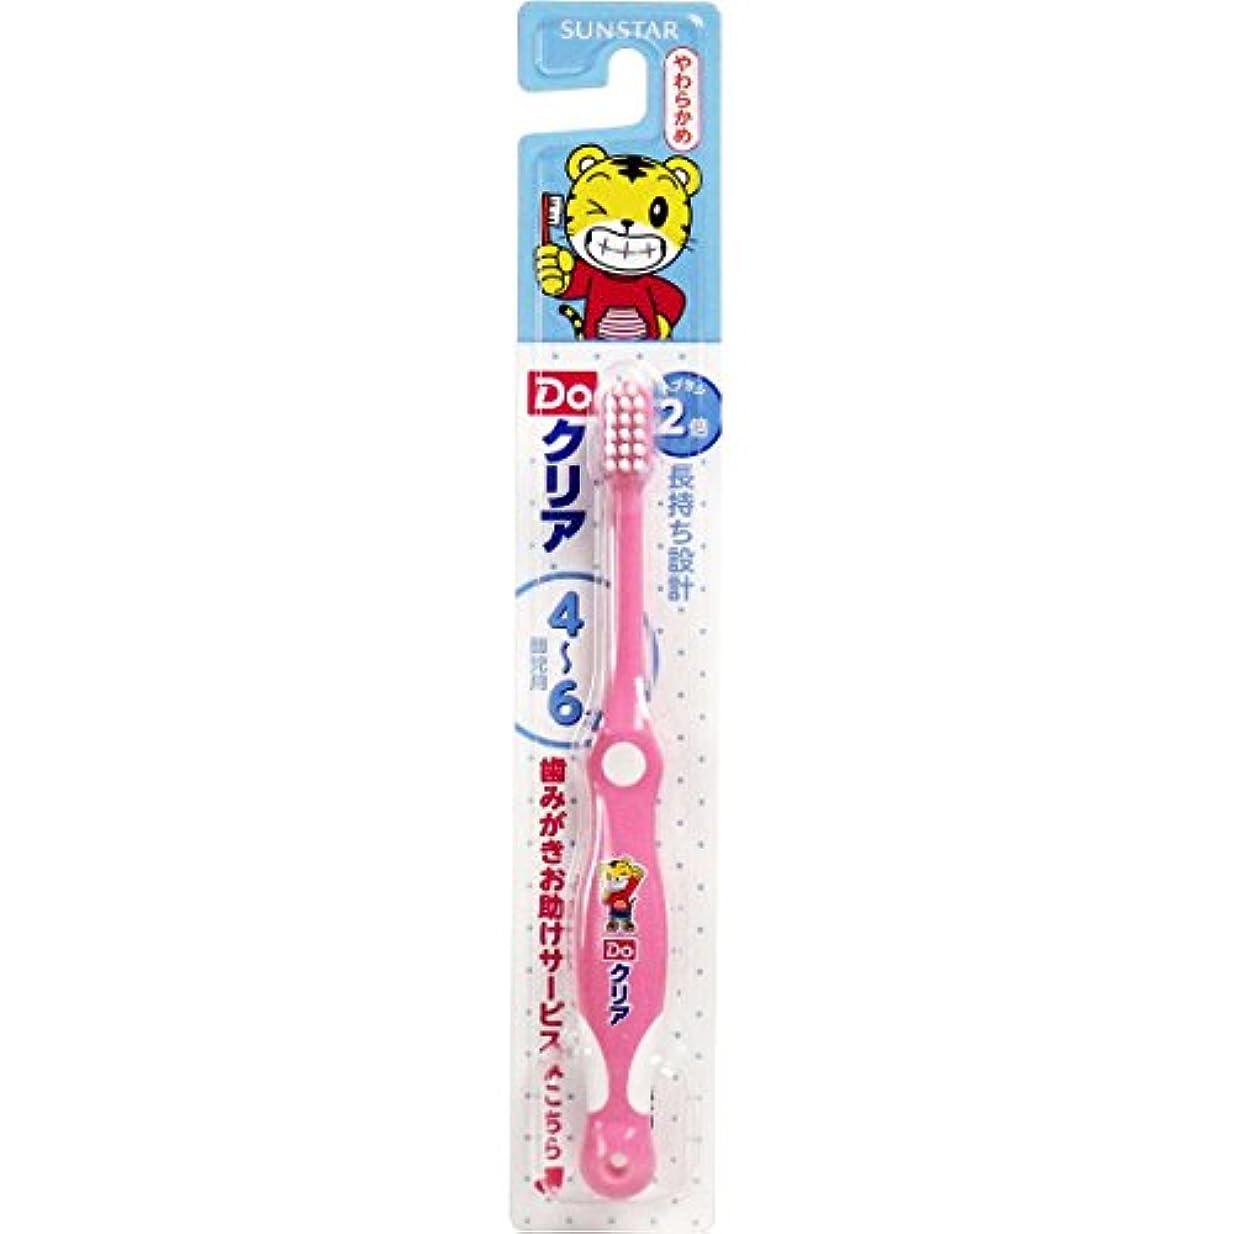 お配管哺乳類Doクリア こどもハブラシ 園児用 4-6才 やわらかめ:ピンク